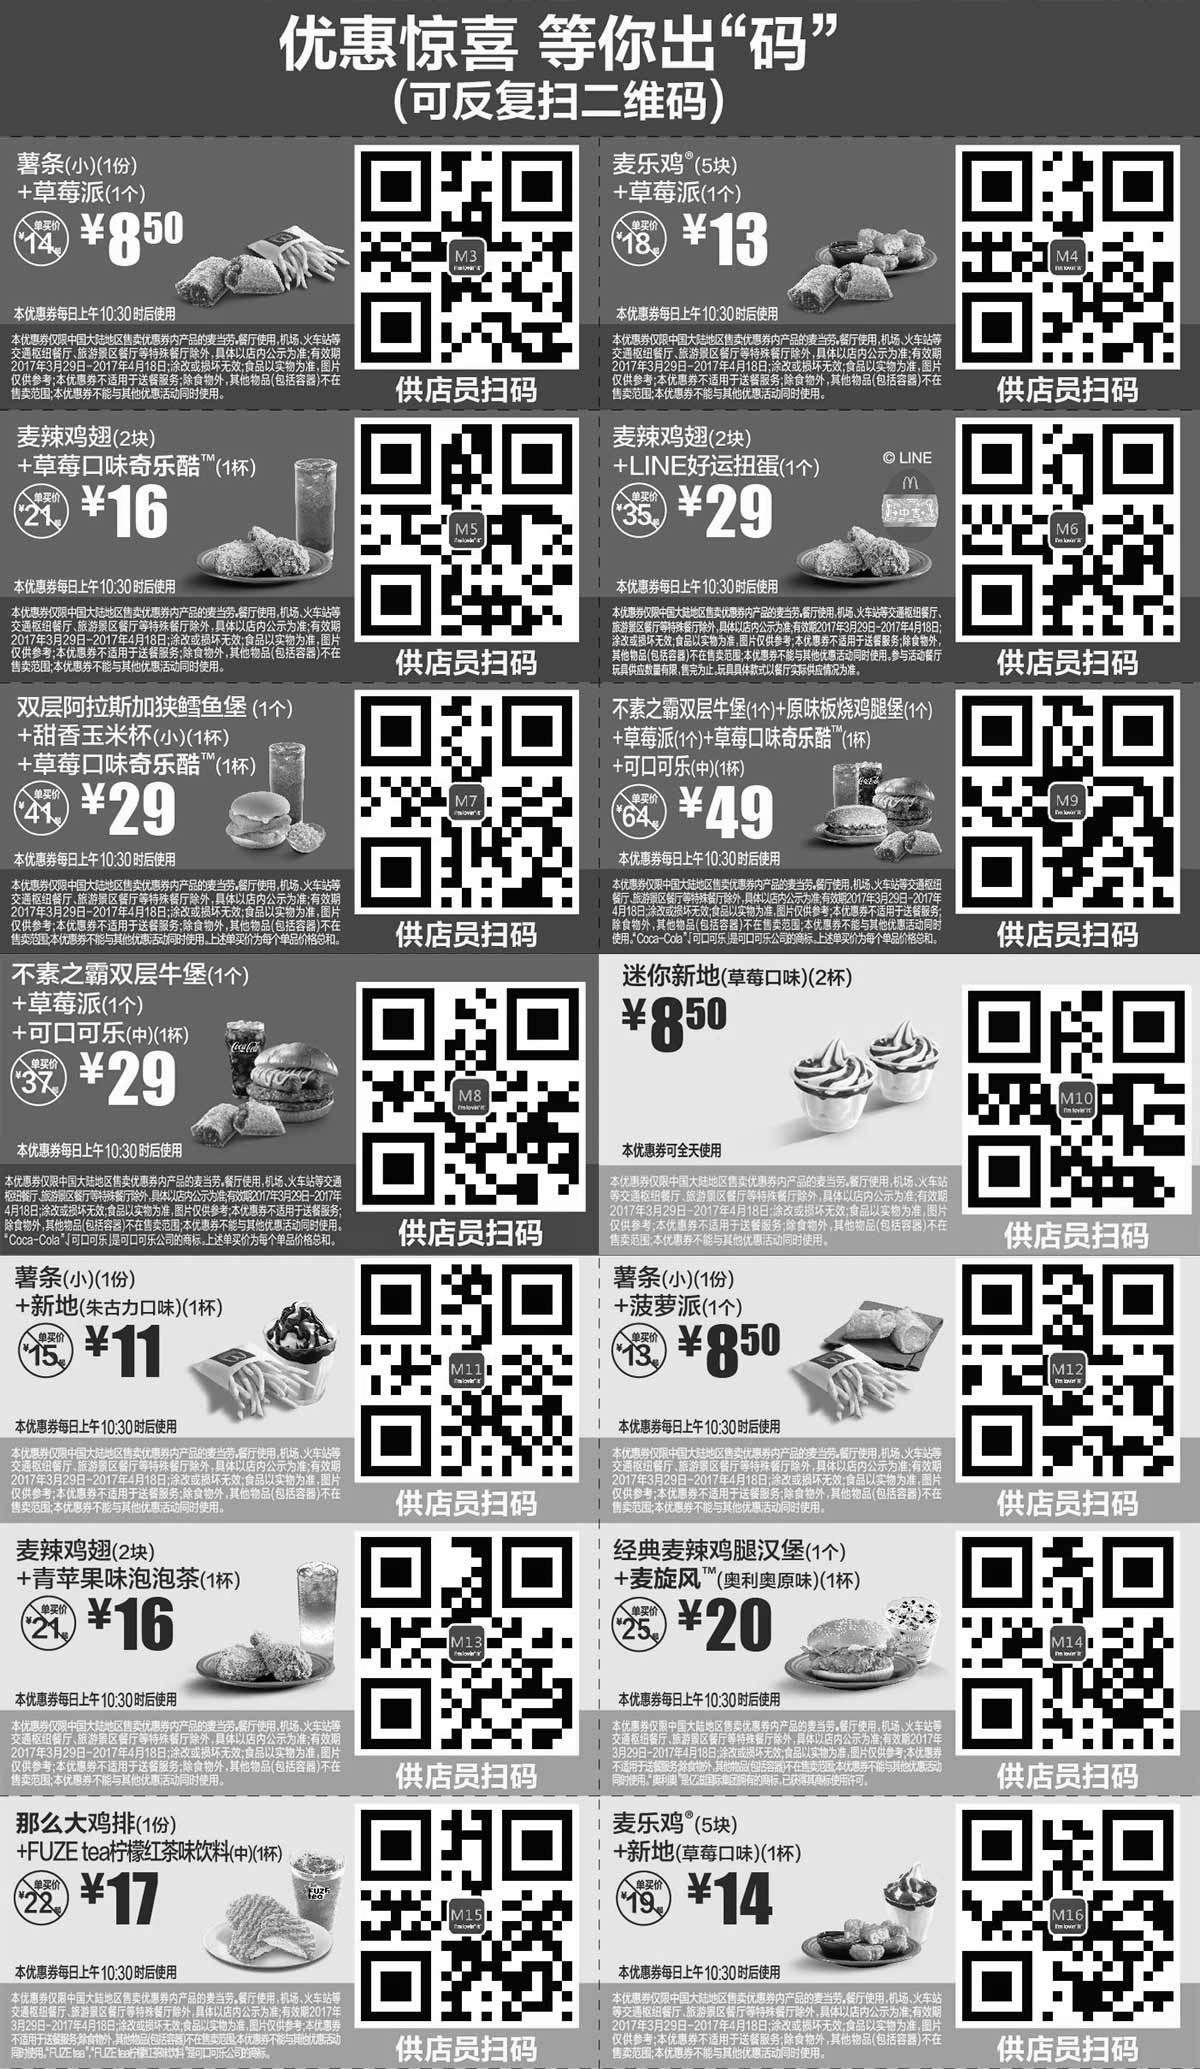 黑白麦当劳优惠券:麦当劳优惠券2017年4月份手机版整张版本,出示给店员扫码有优惠